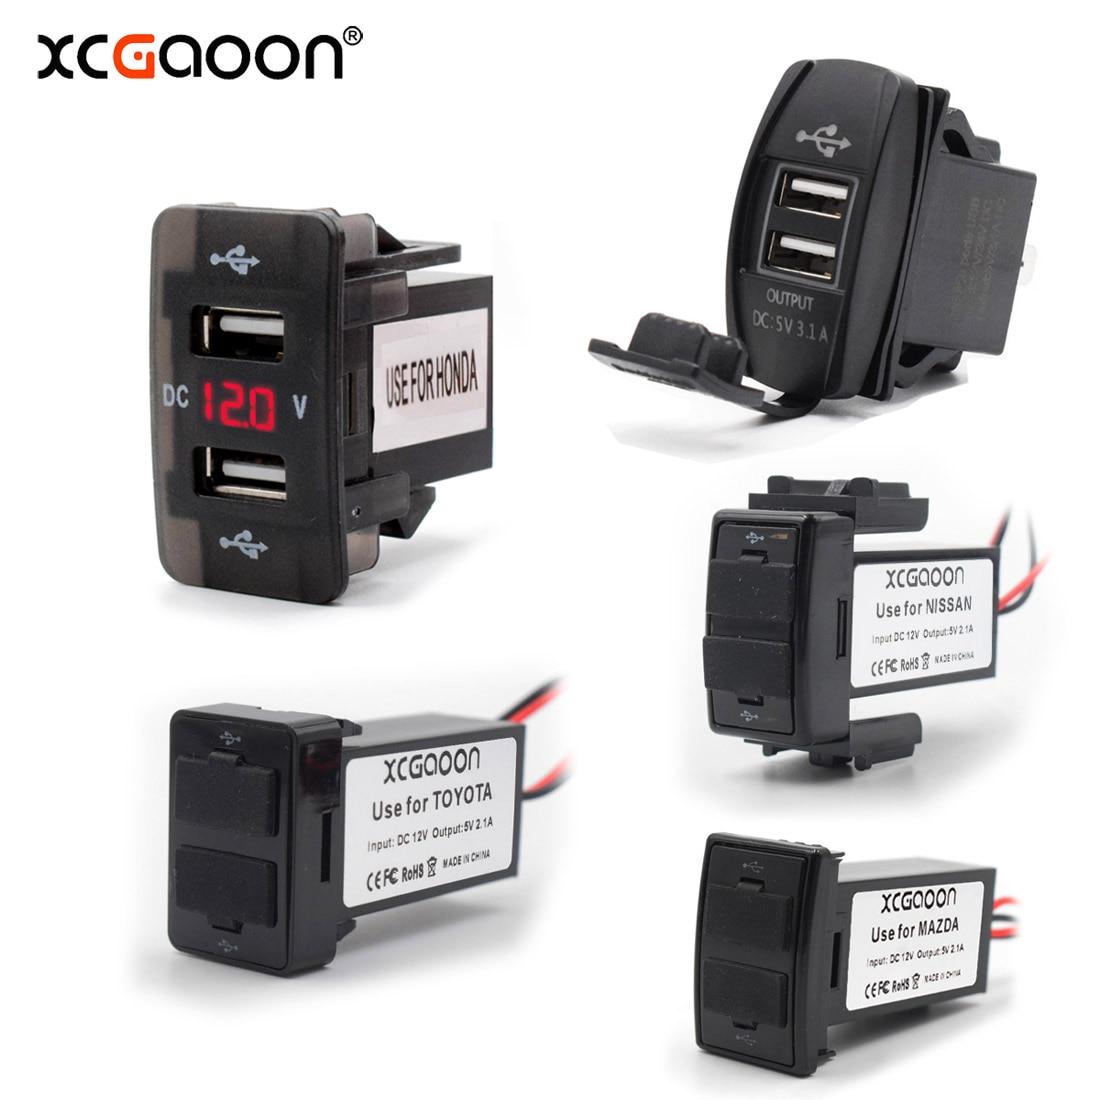 XCGaoon специальный 2 USB разъем для автомобильного зарядного устройства для TOYOTA/HONDA/MITSUBISHI/NISSAN/MAZDA/SUZUKI